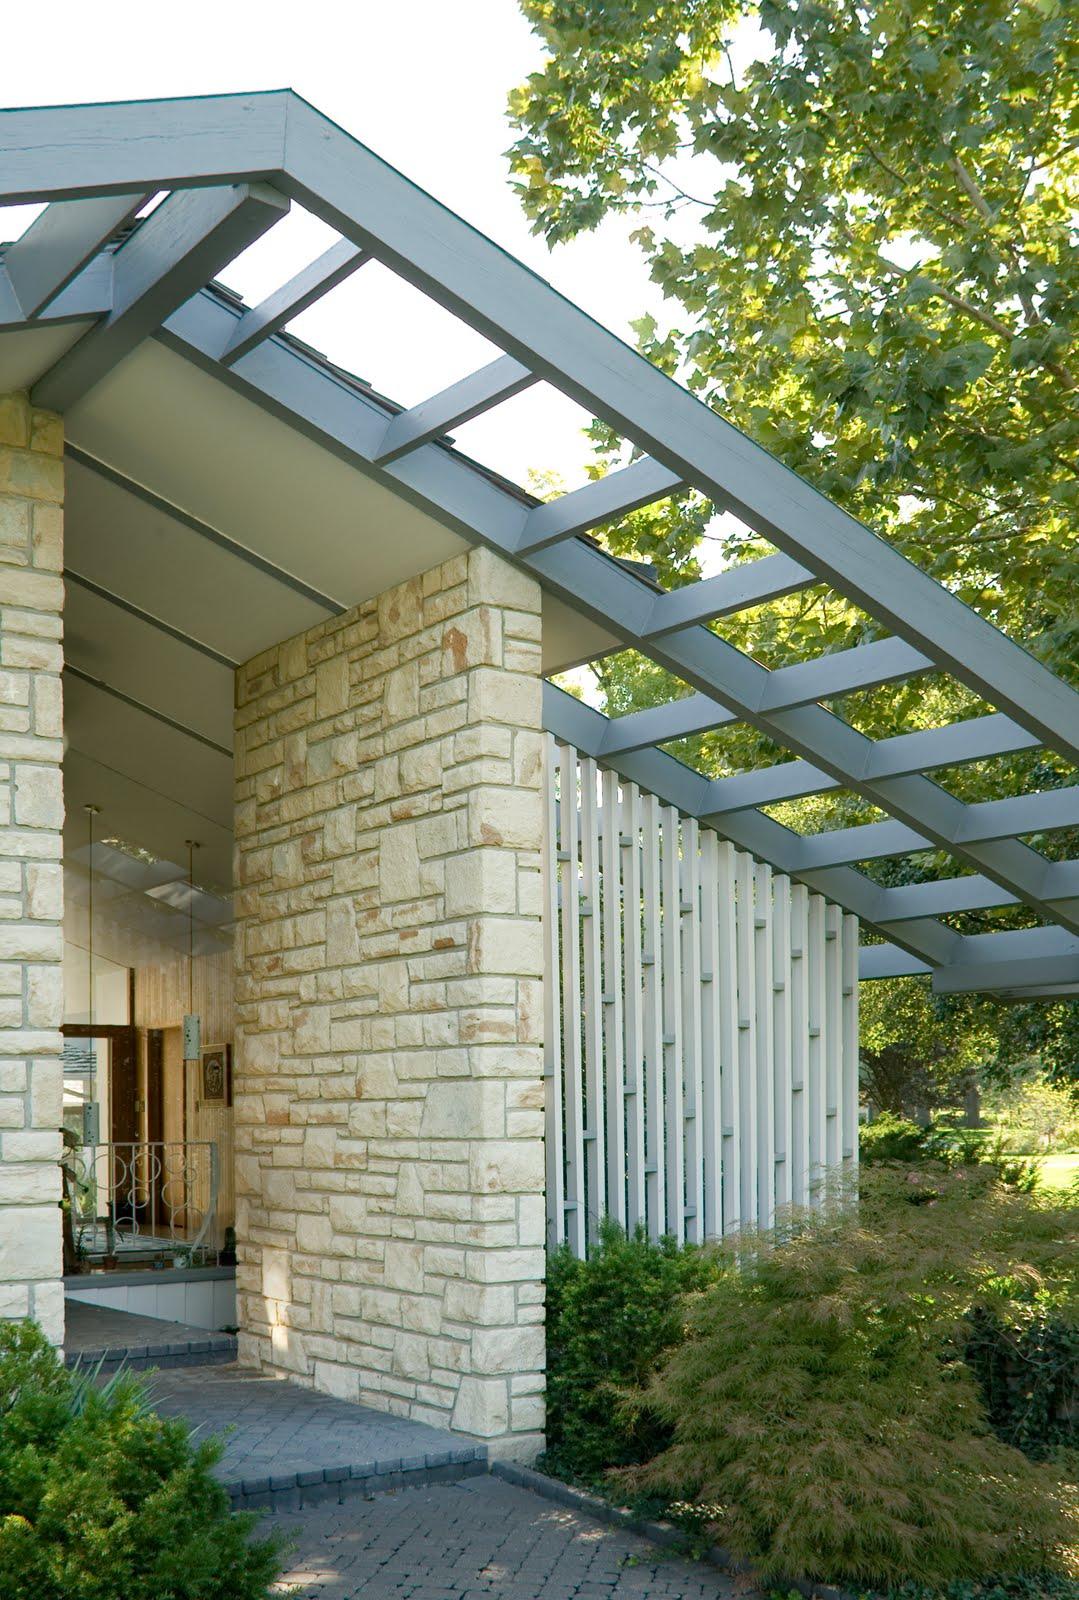 Kcmodern bob wendt house designer builder part 1 for Housedesigner com